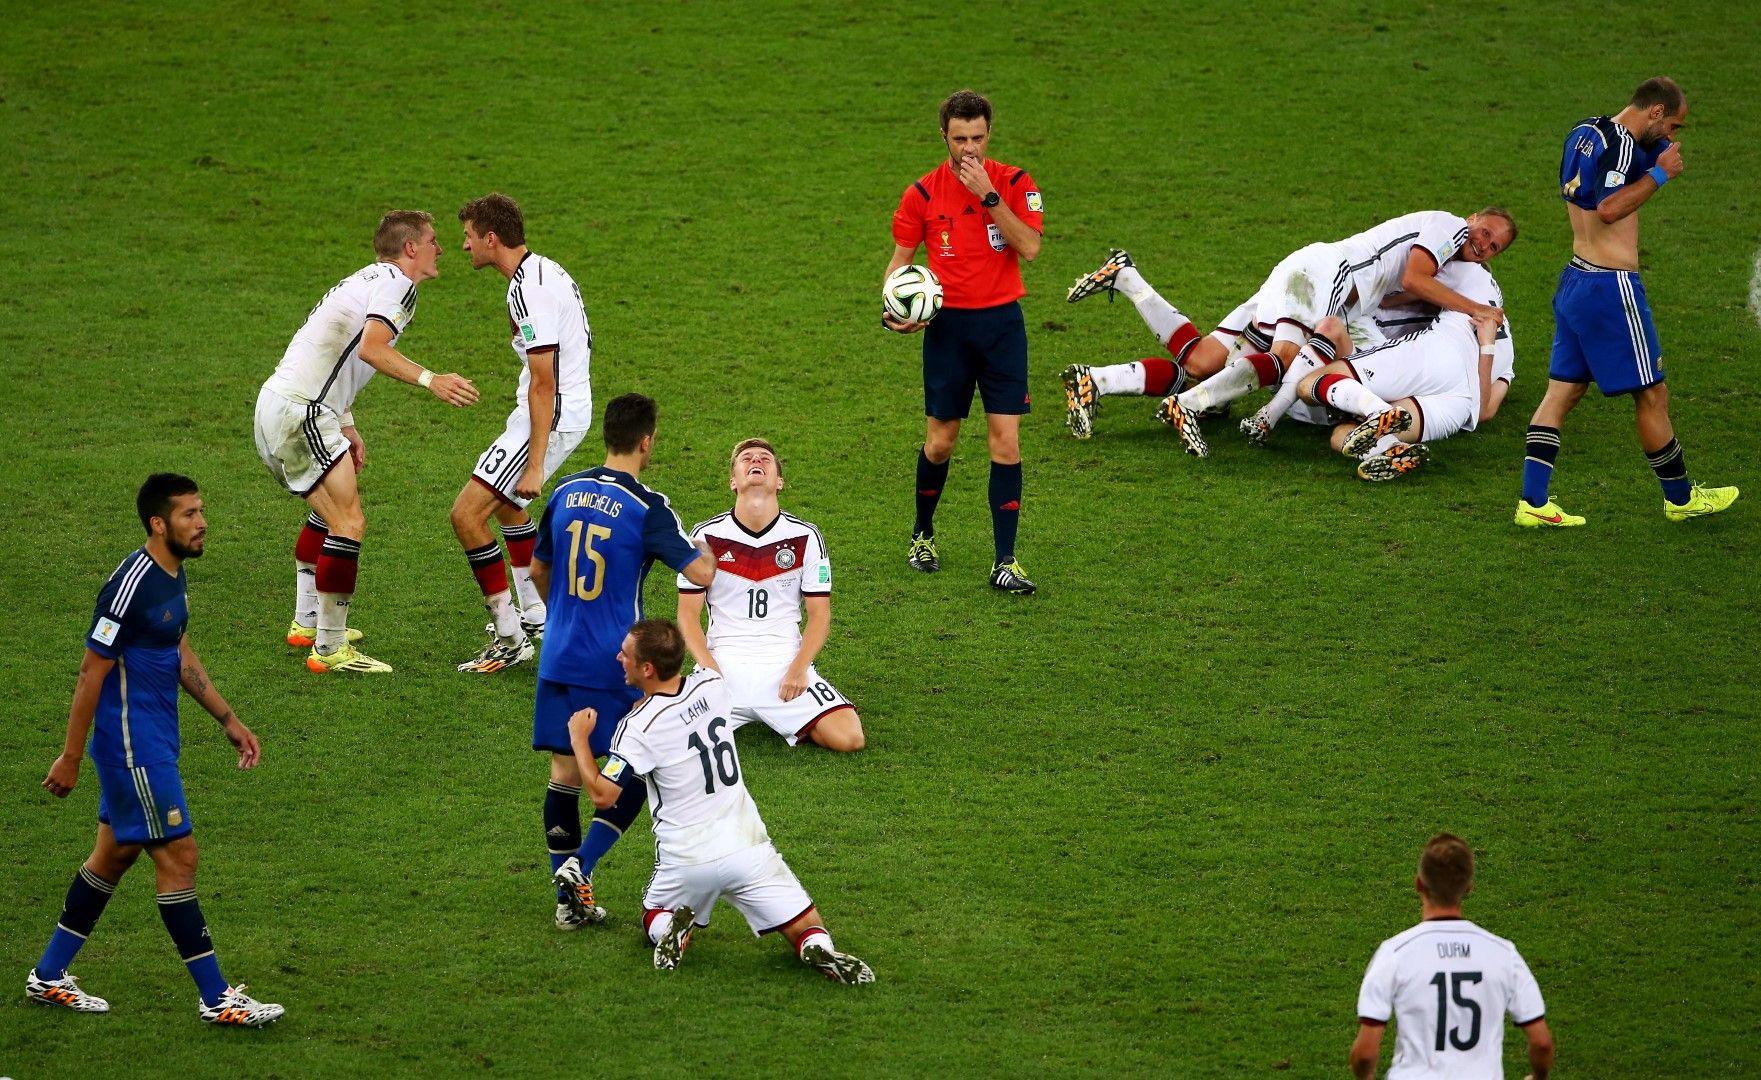 Последен сигнал: Германия е шампион с 1:0 след продължения. Кадър без коментар!